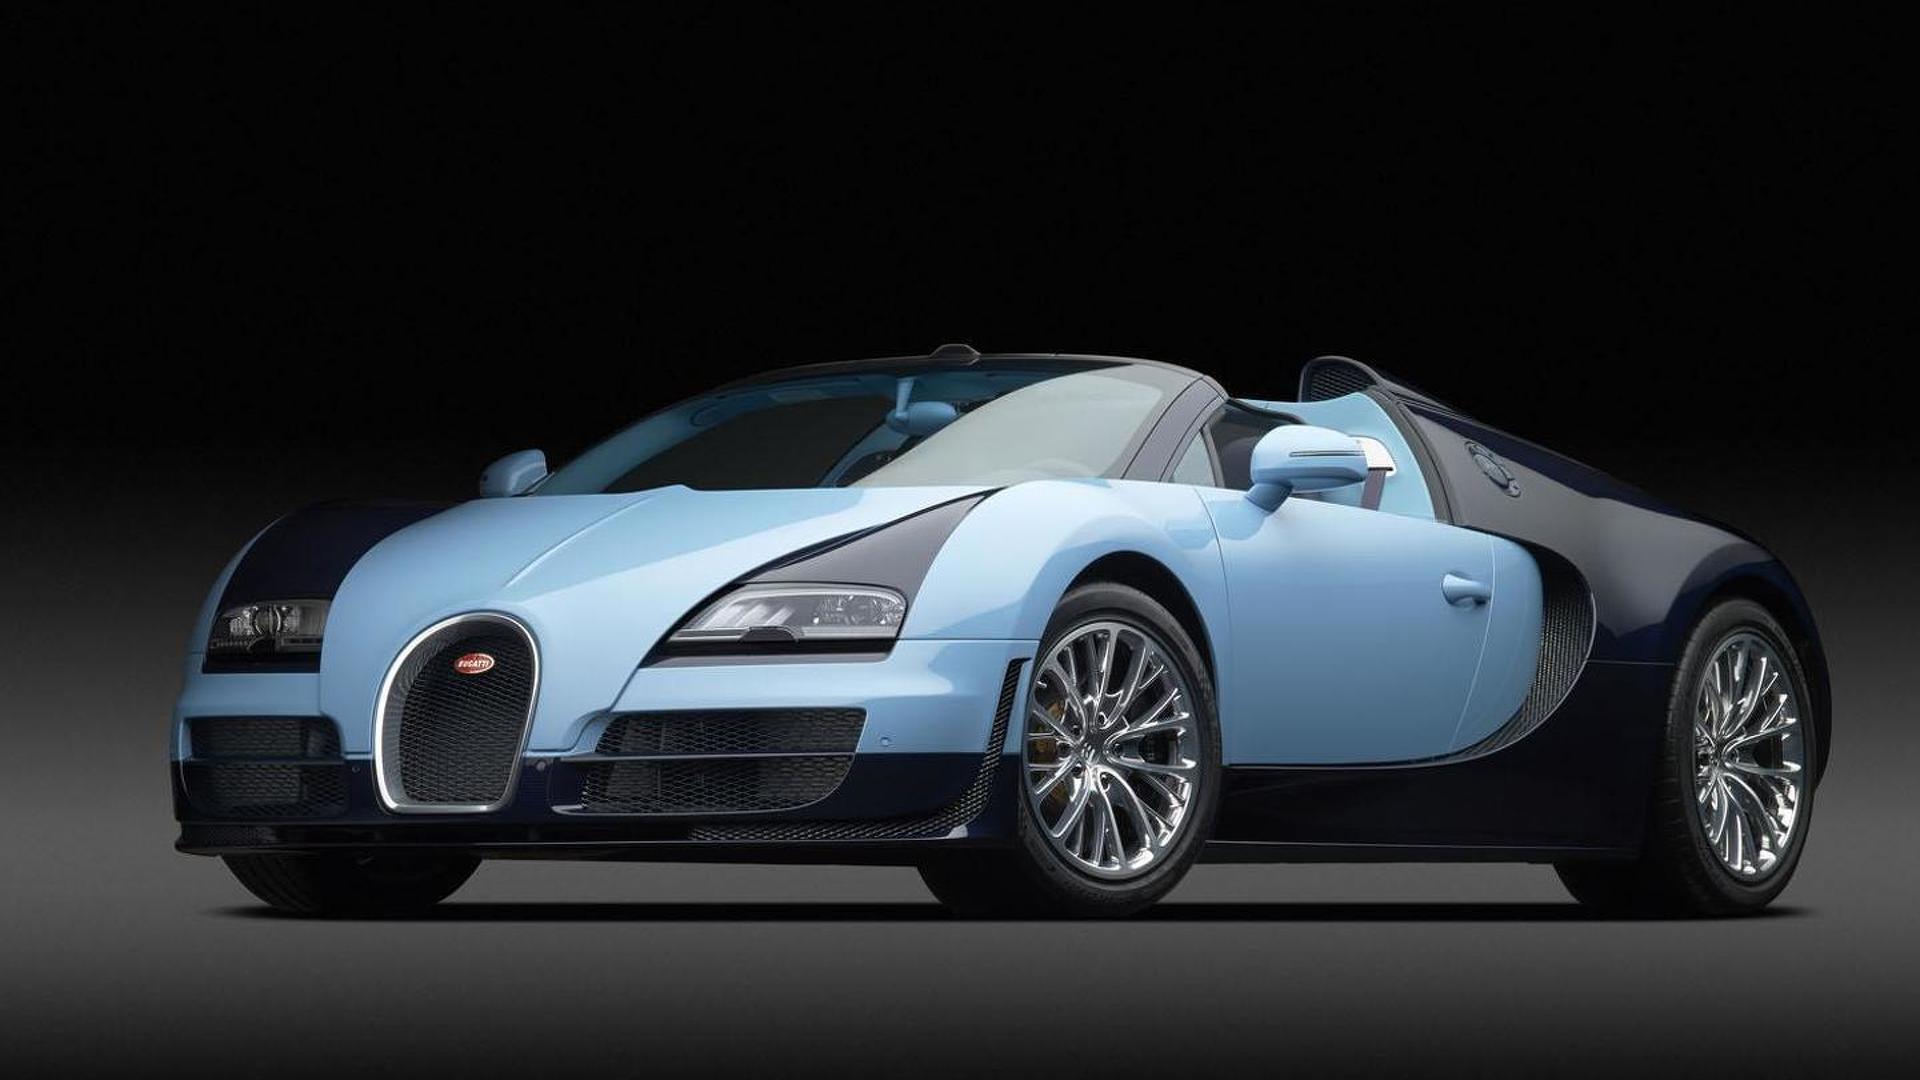 2013-403024-bugatti-veyron-grand-sport-vitesse-jean-pierre-wimille-edition-16-8-20131 Gorgeous Bugatti Veyron Grand Sport Vitesse Bleu Cars Trend